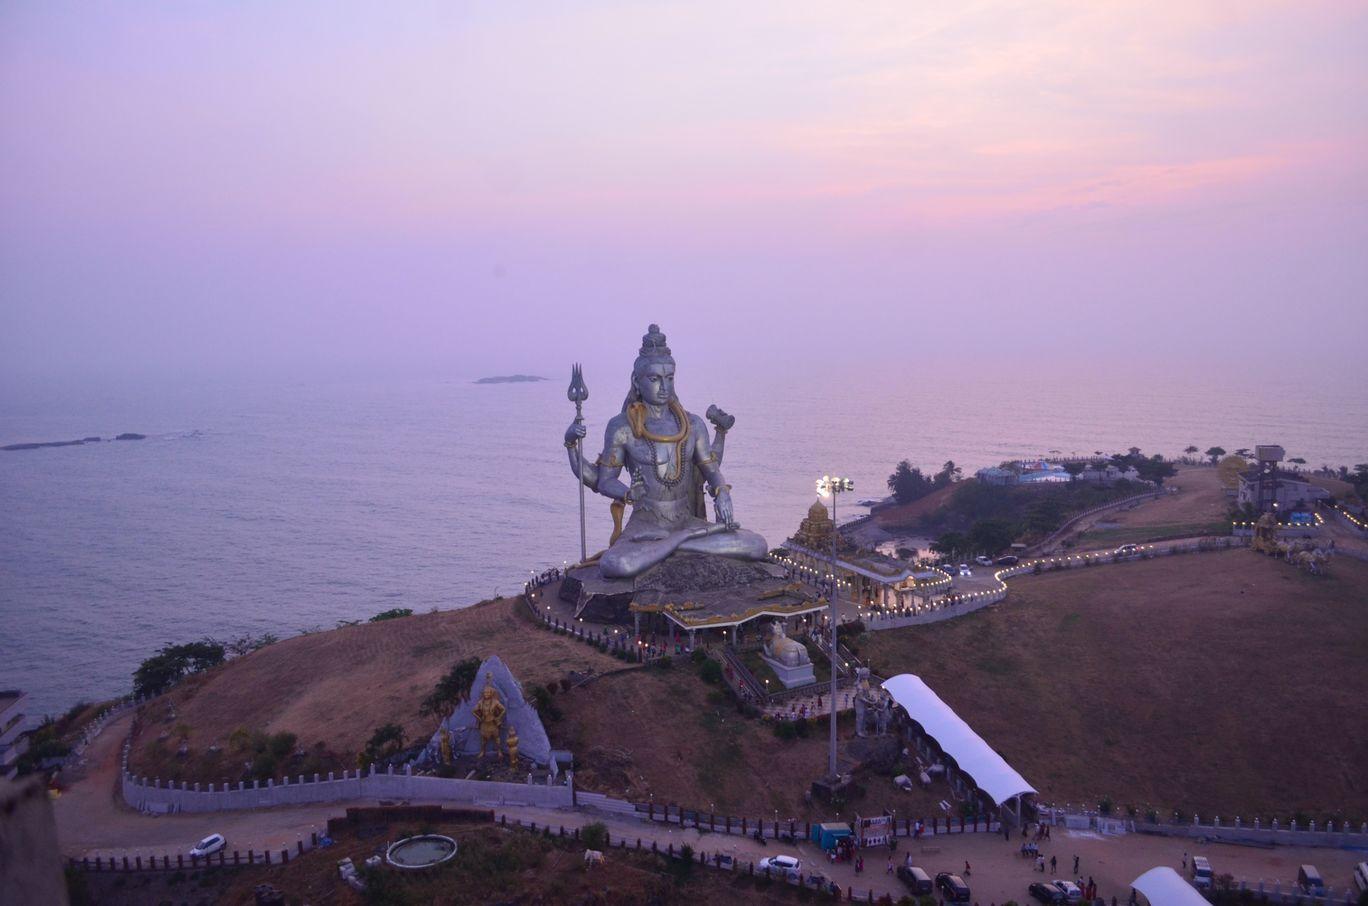 Photo of Murudeshwar By Hari Chandu Vakacharla